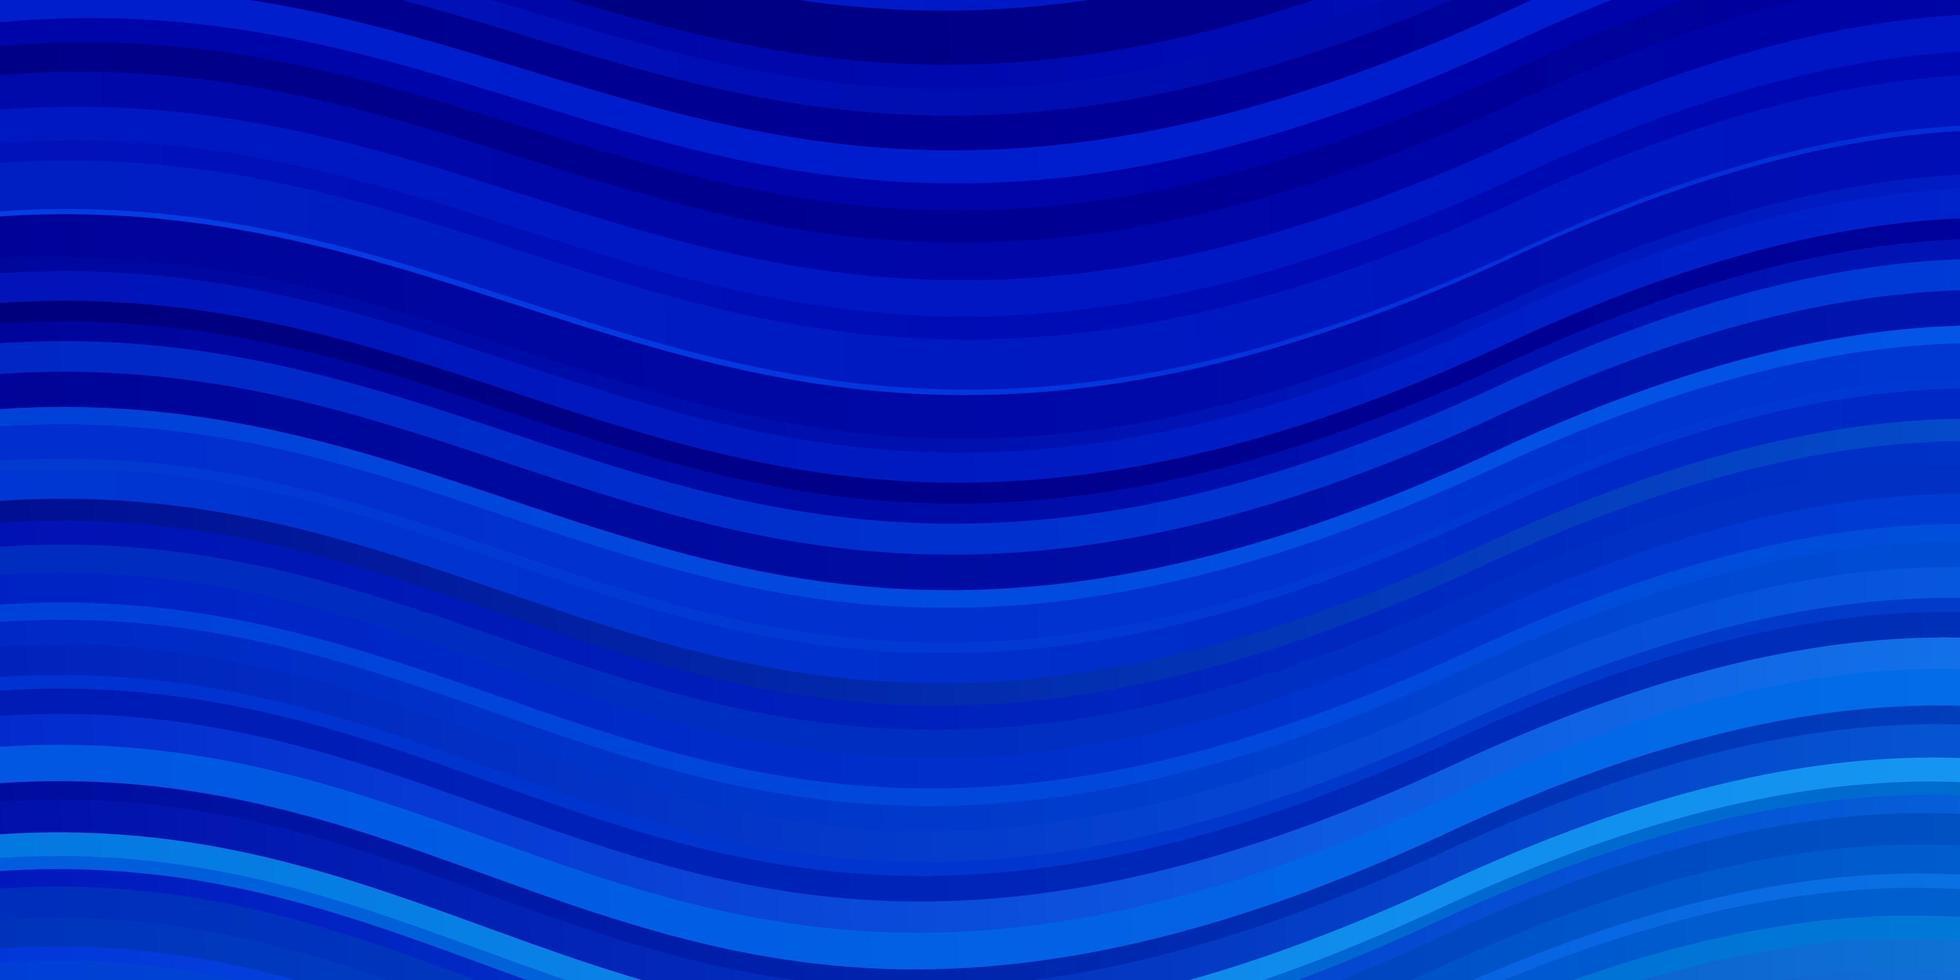 plantilla de vector azul claro con líneas curvas.